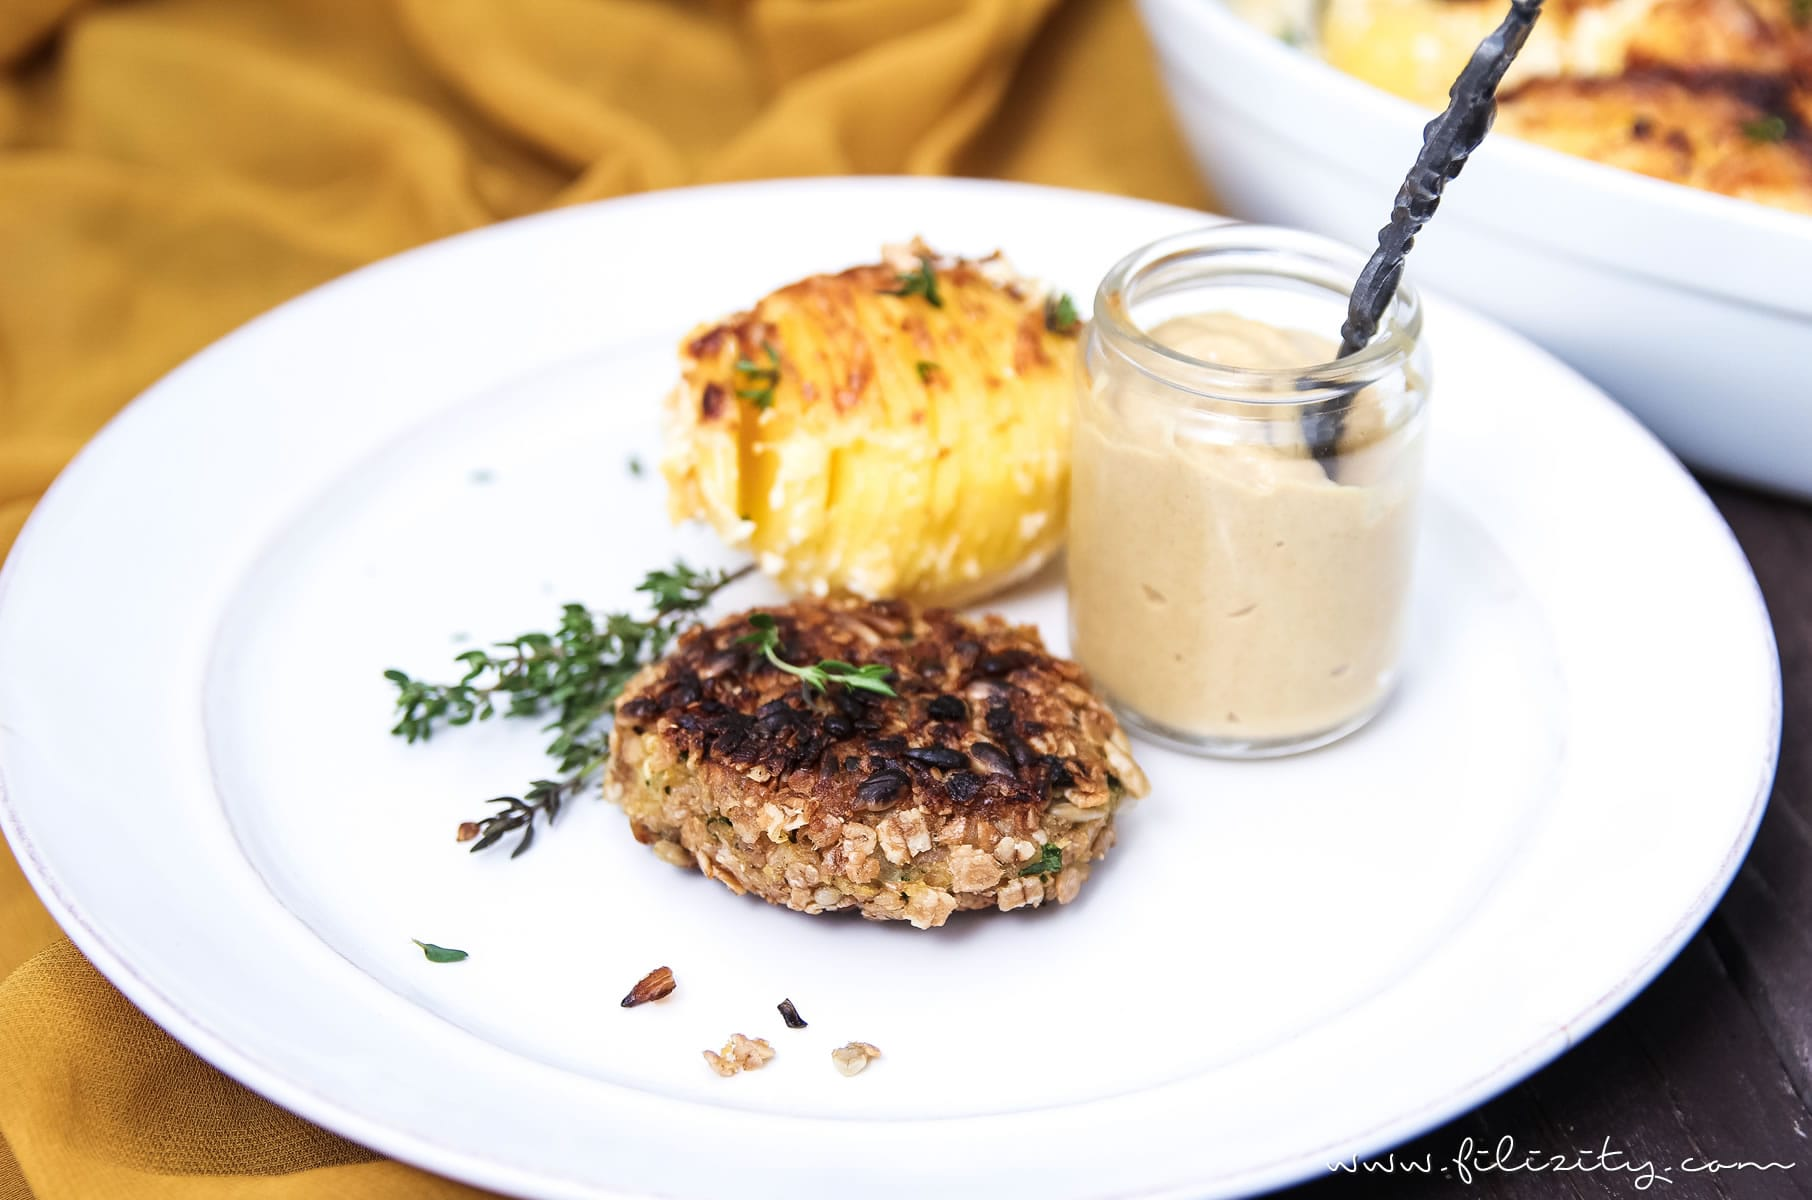 Rezept: Vegetarische Dinkel-Frikadellen, Zu Kartoffelgratin oder Nudelsalat, als Snack oder einfach im Brötchen #rezept #vegetarisch #veggie